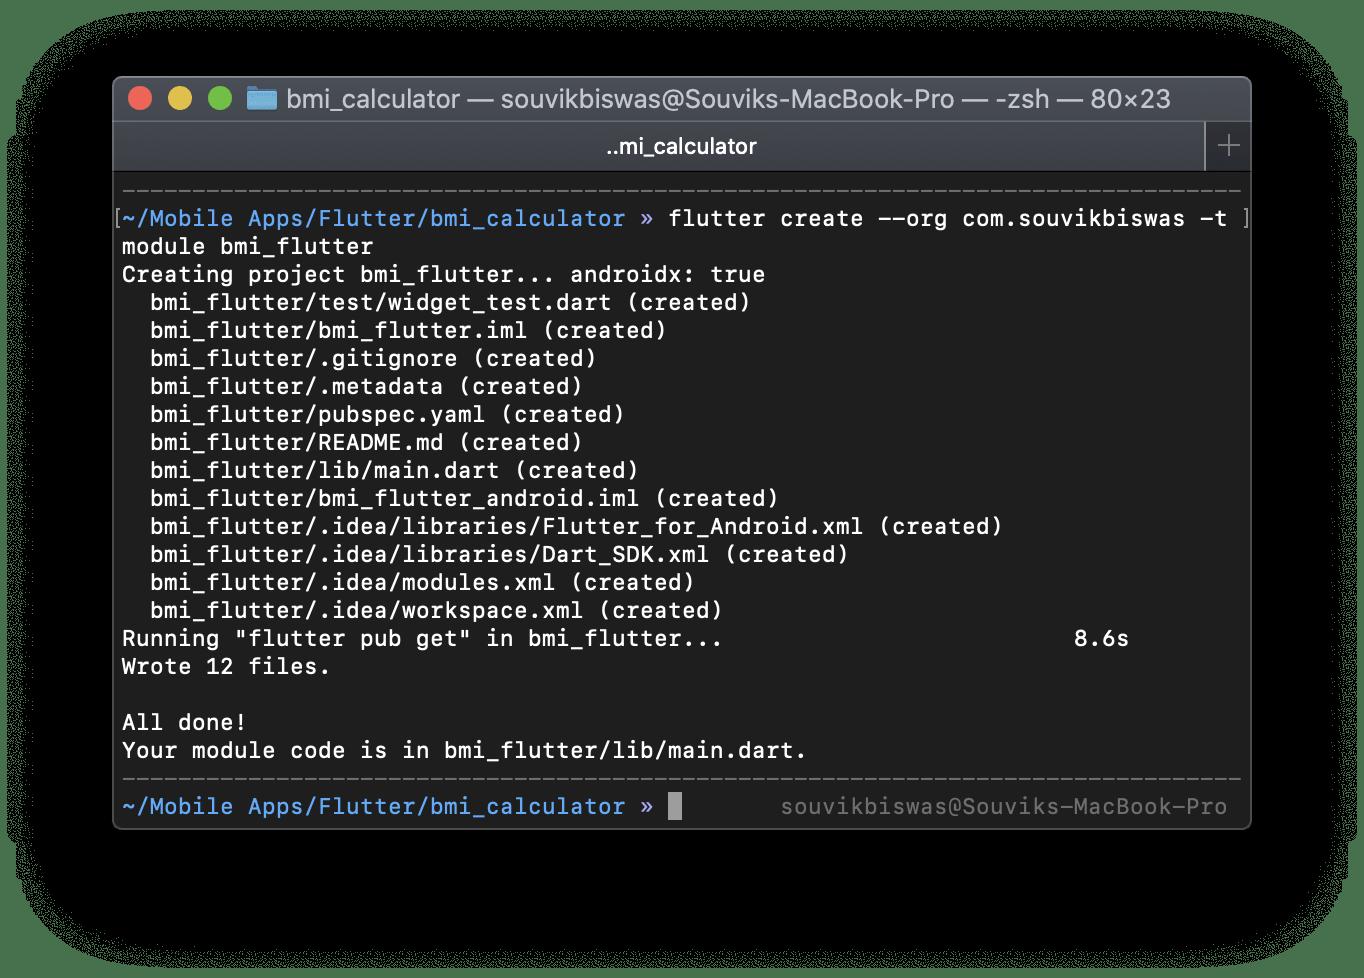 Creating Flutter module